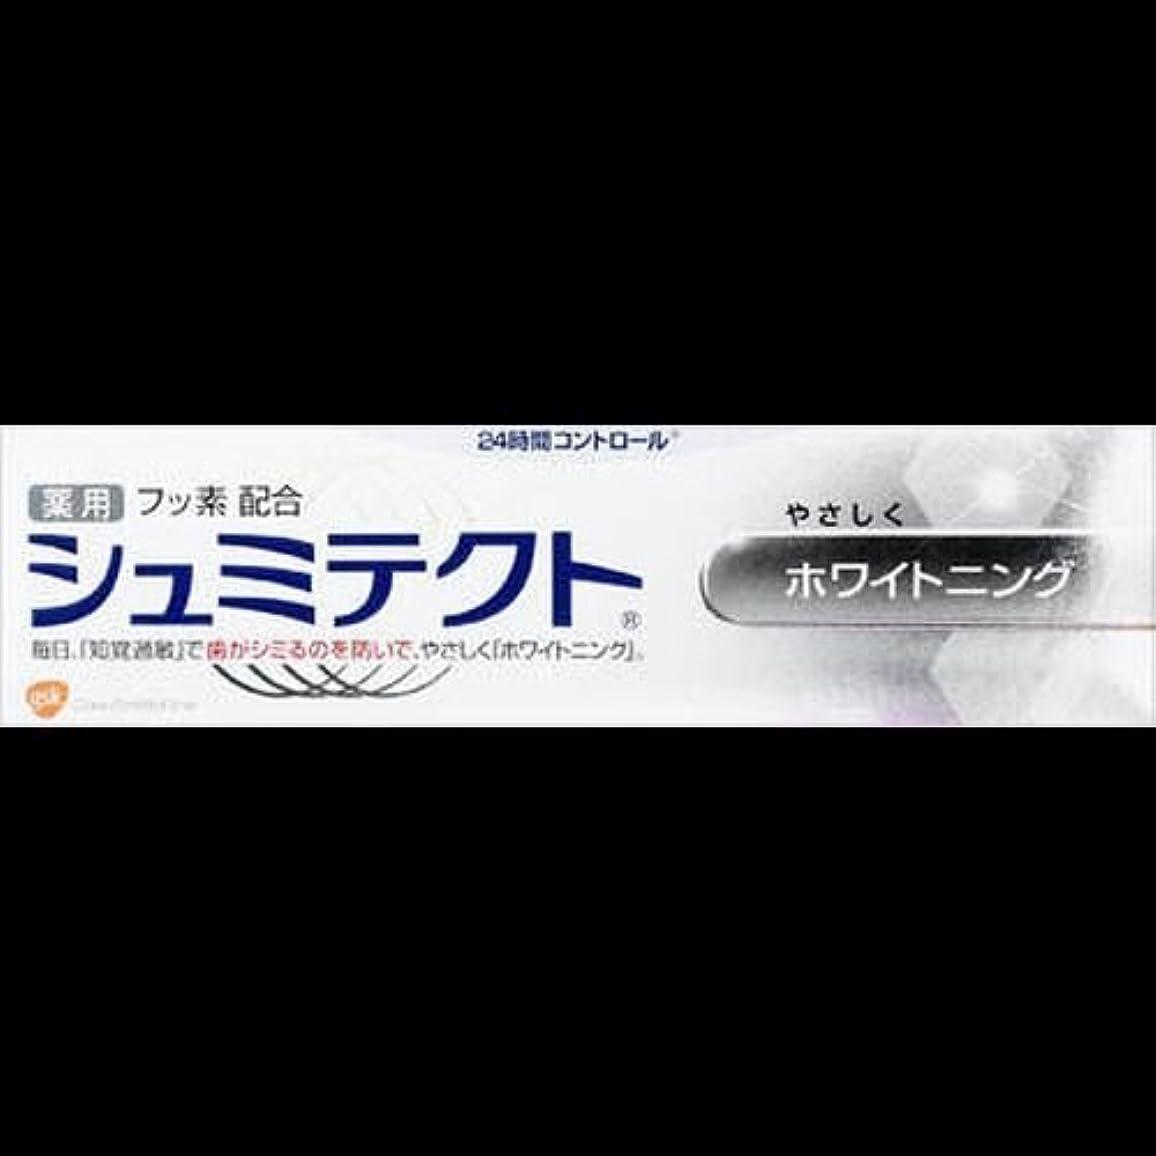 チェス滑りやすいドライバ【まとめ買い】薬用シュミテクト ホワイトニング 90g ×2セット